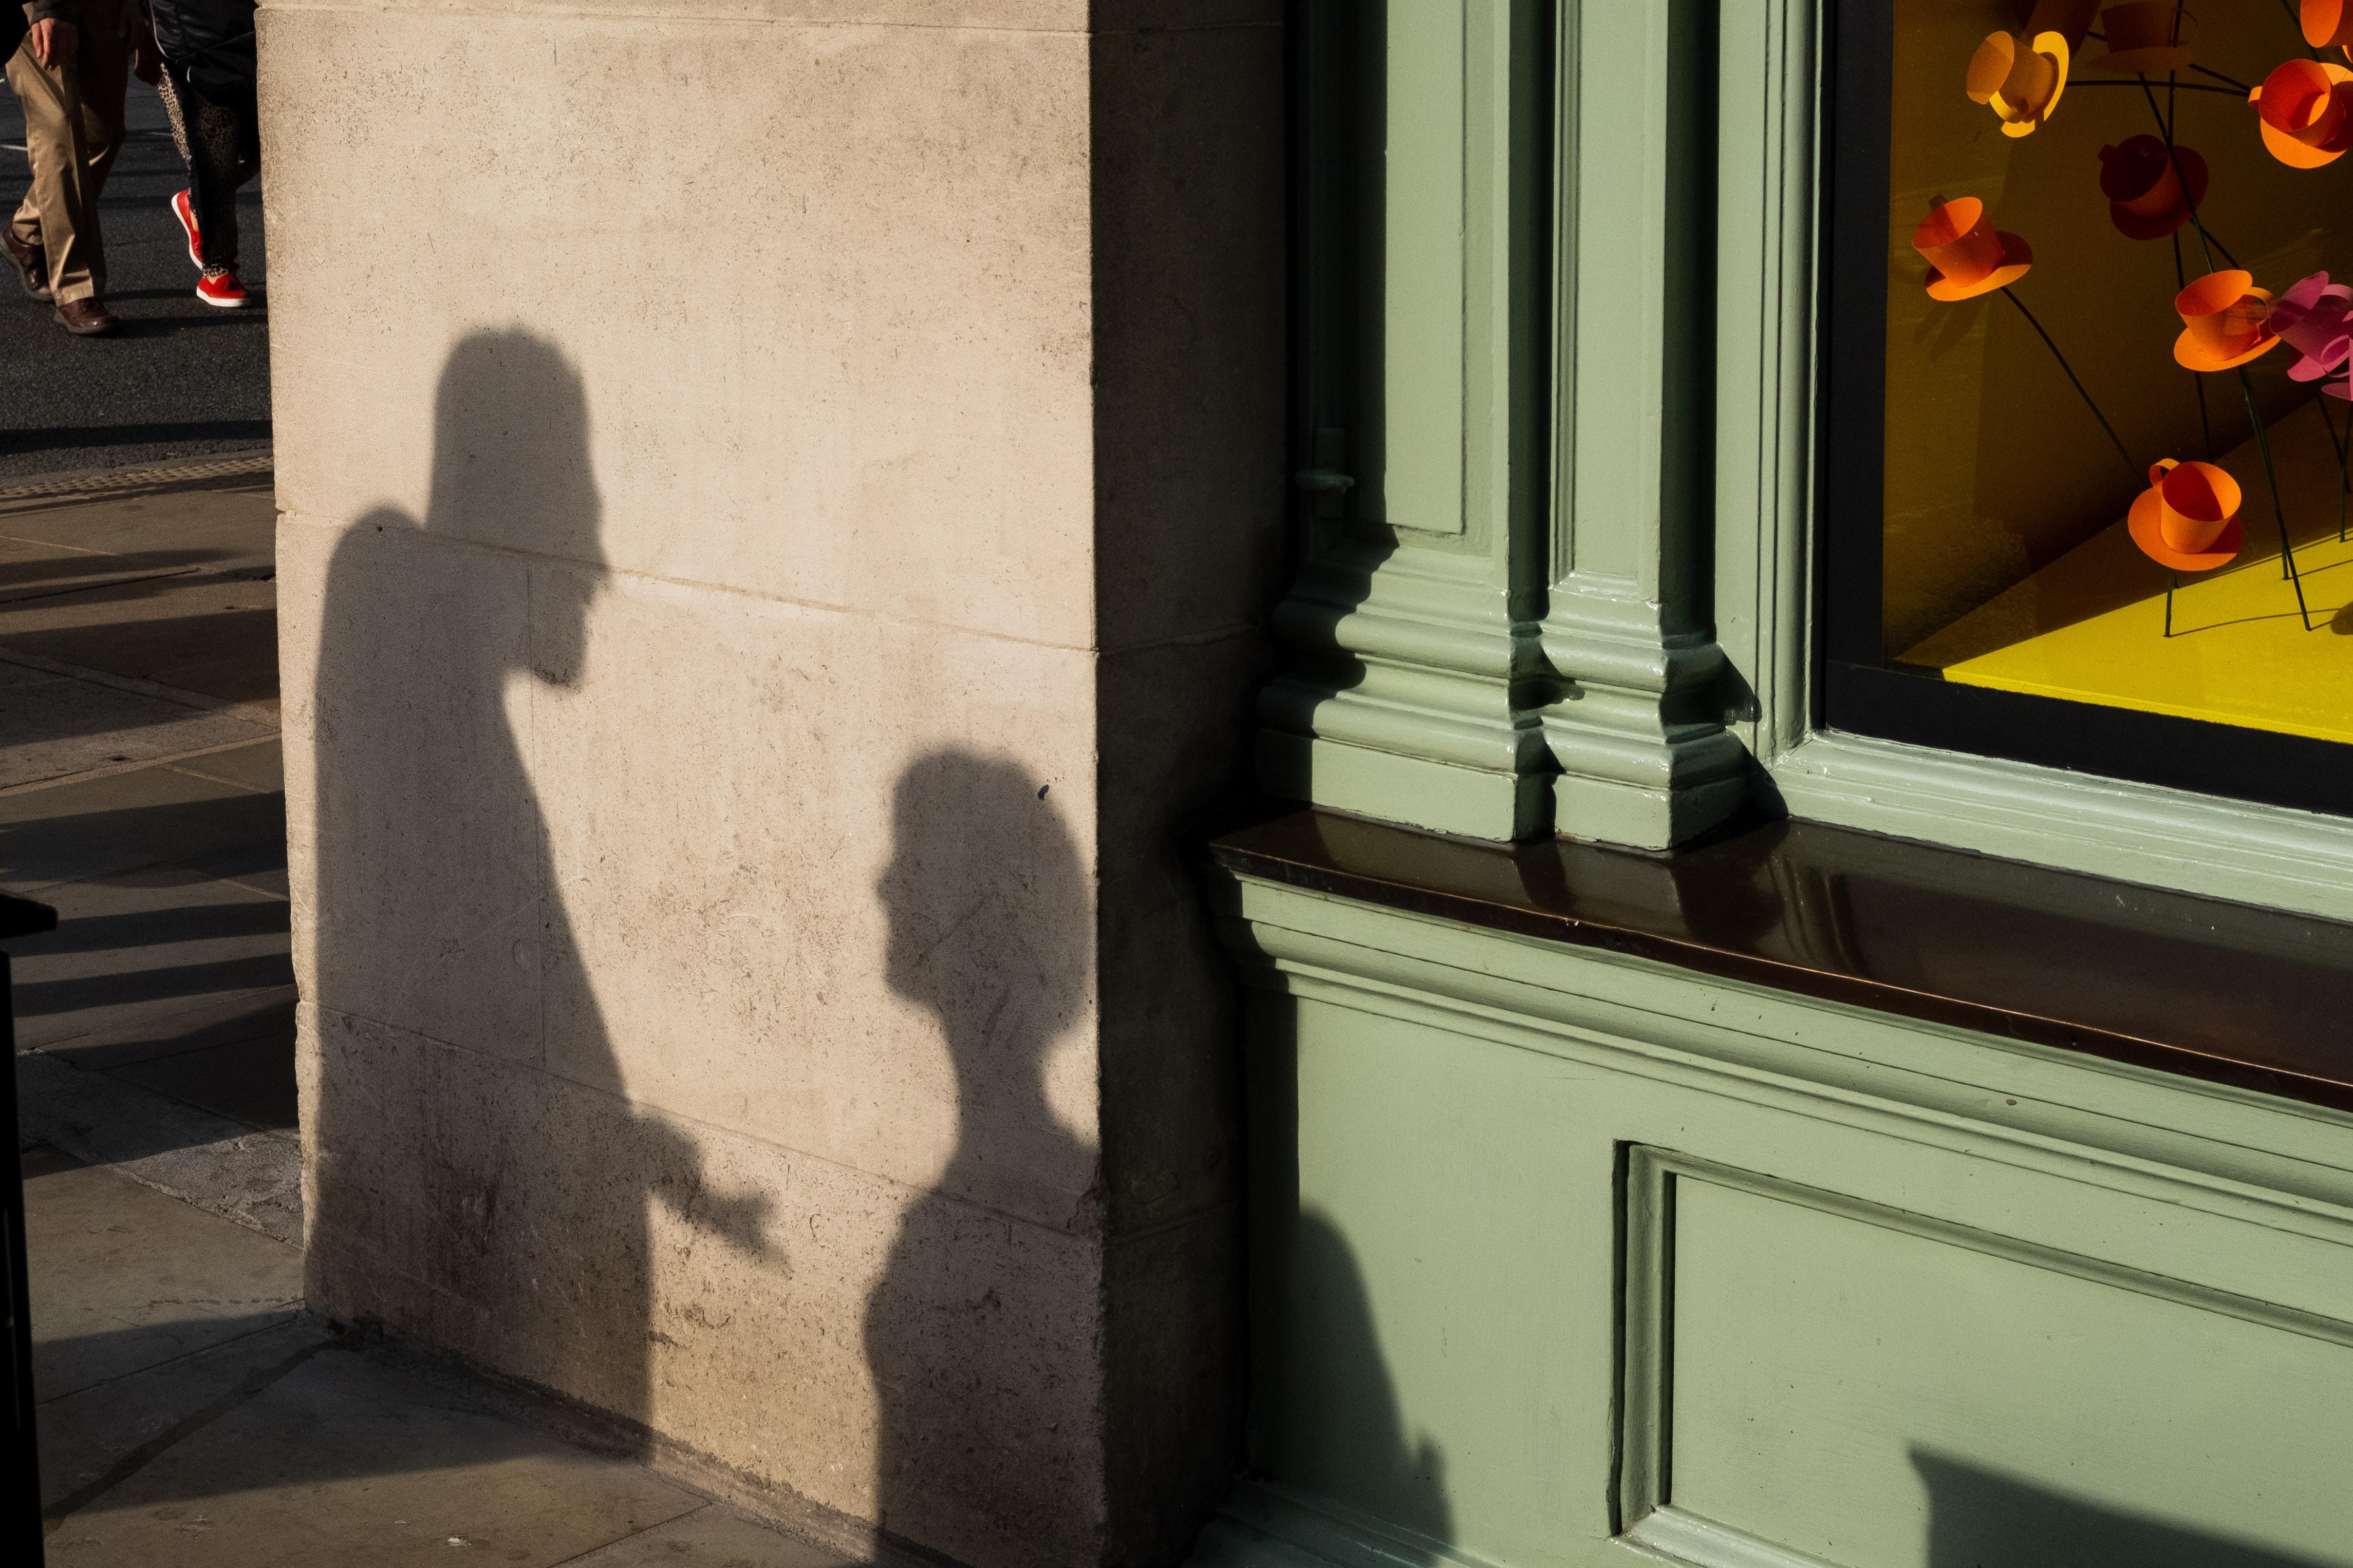 紐約一對華裔夫妻為錢起爭執,鬧進社團求助。圖為示意圖。(Photo by Jonathan Sharp on Unsplash)